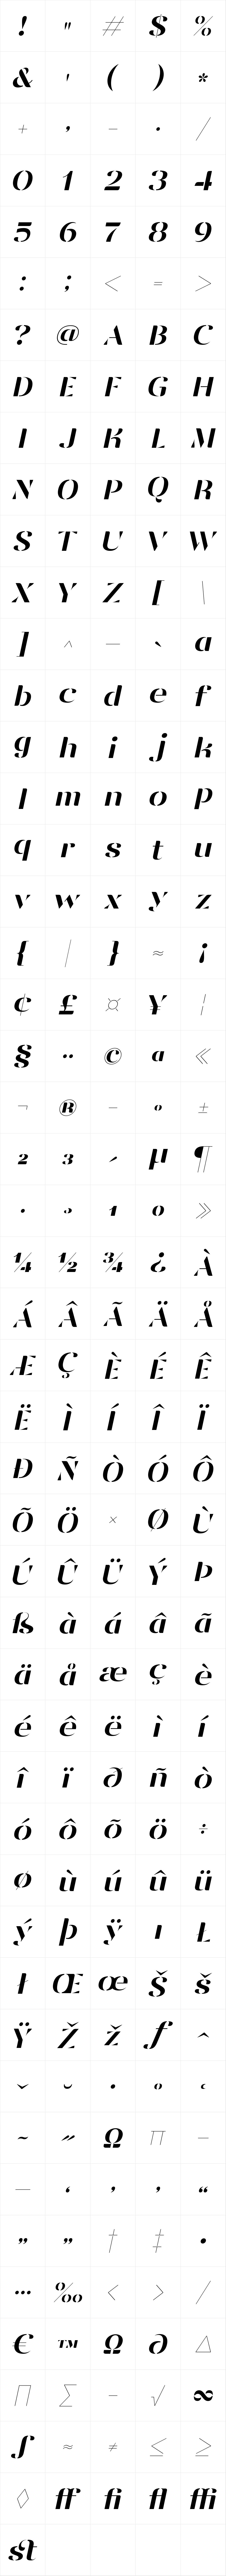 Vanage Italic